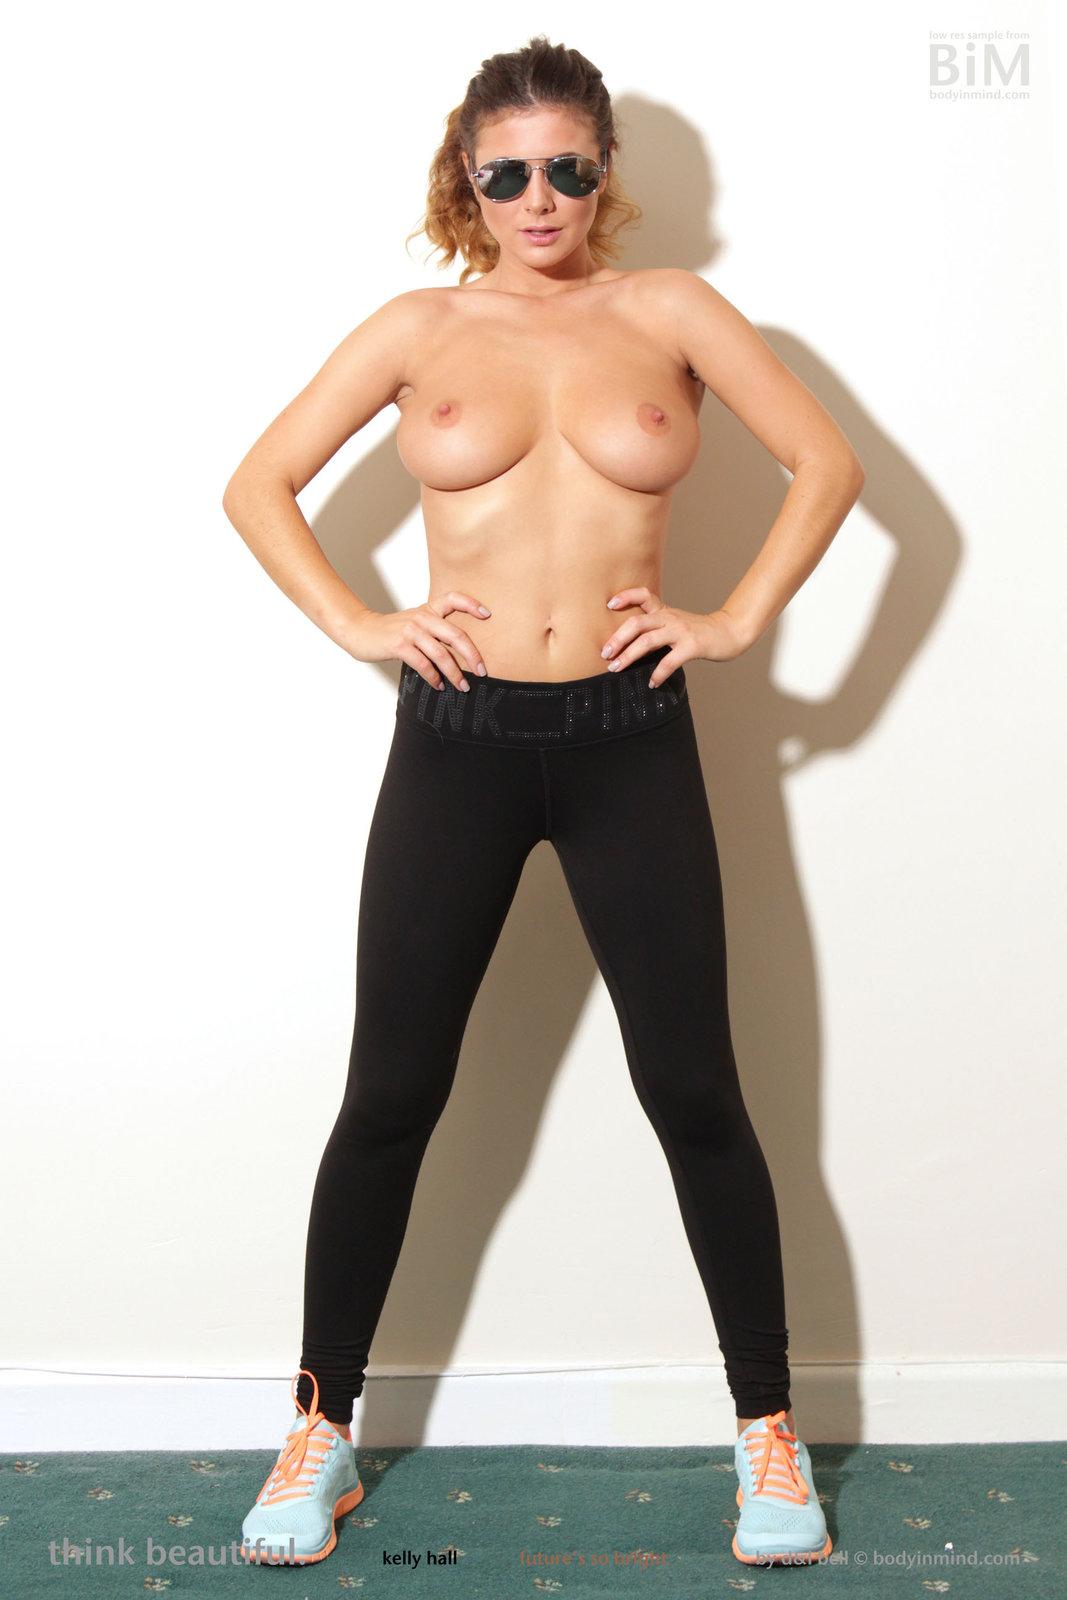 Zdjęcie porno - 074 - Idealnie krągłe ciałko